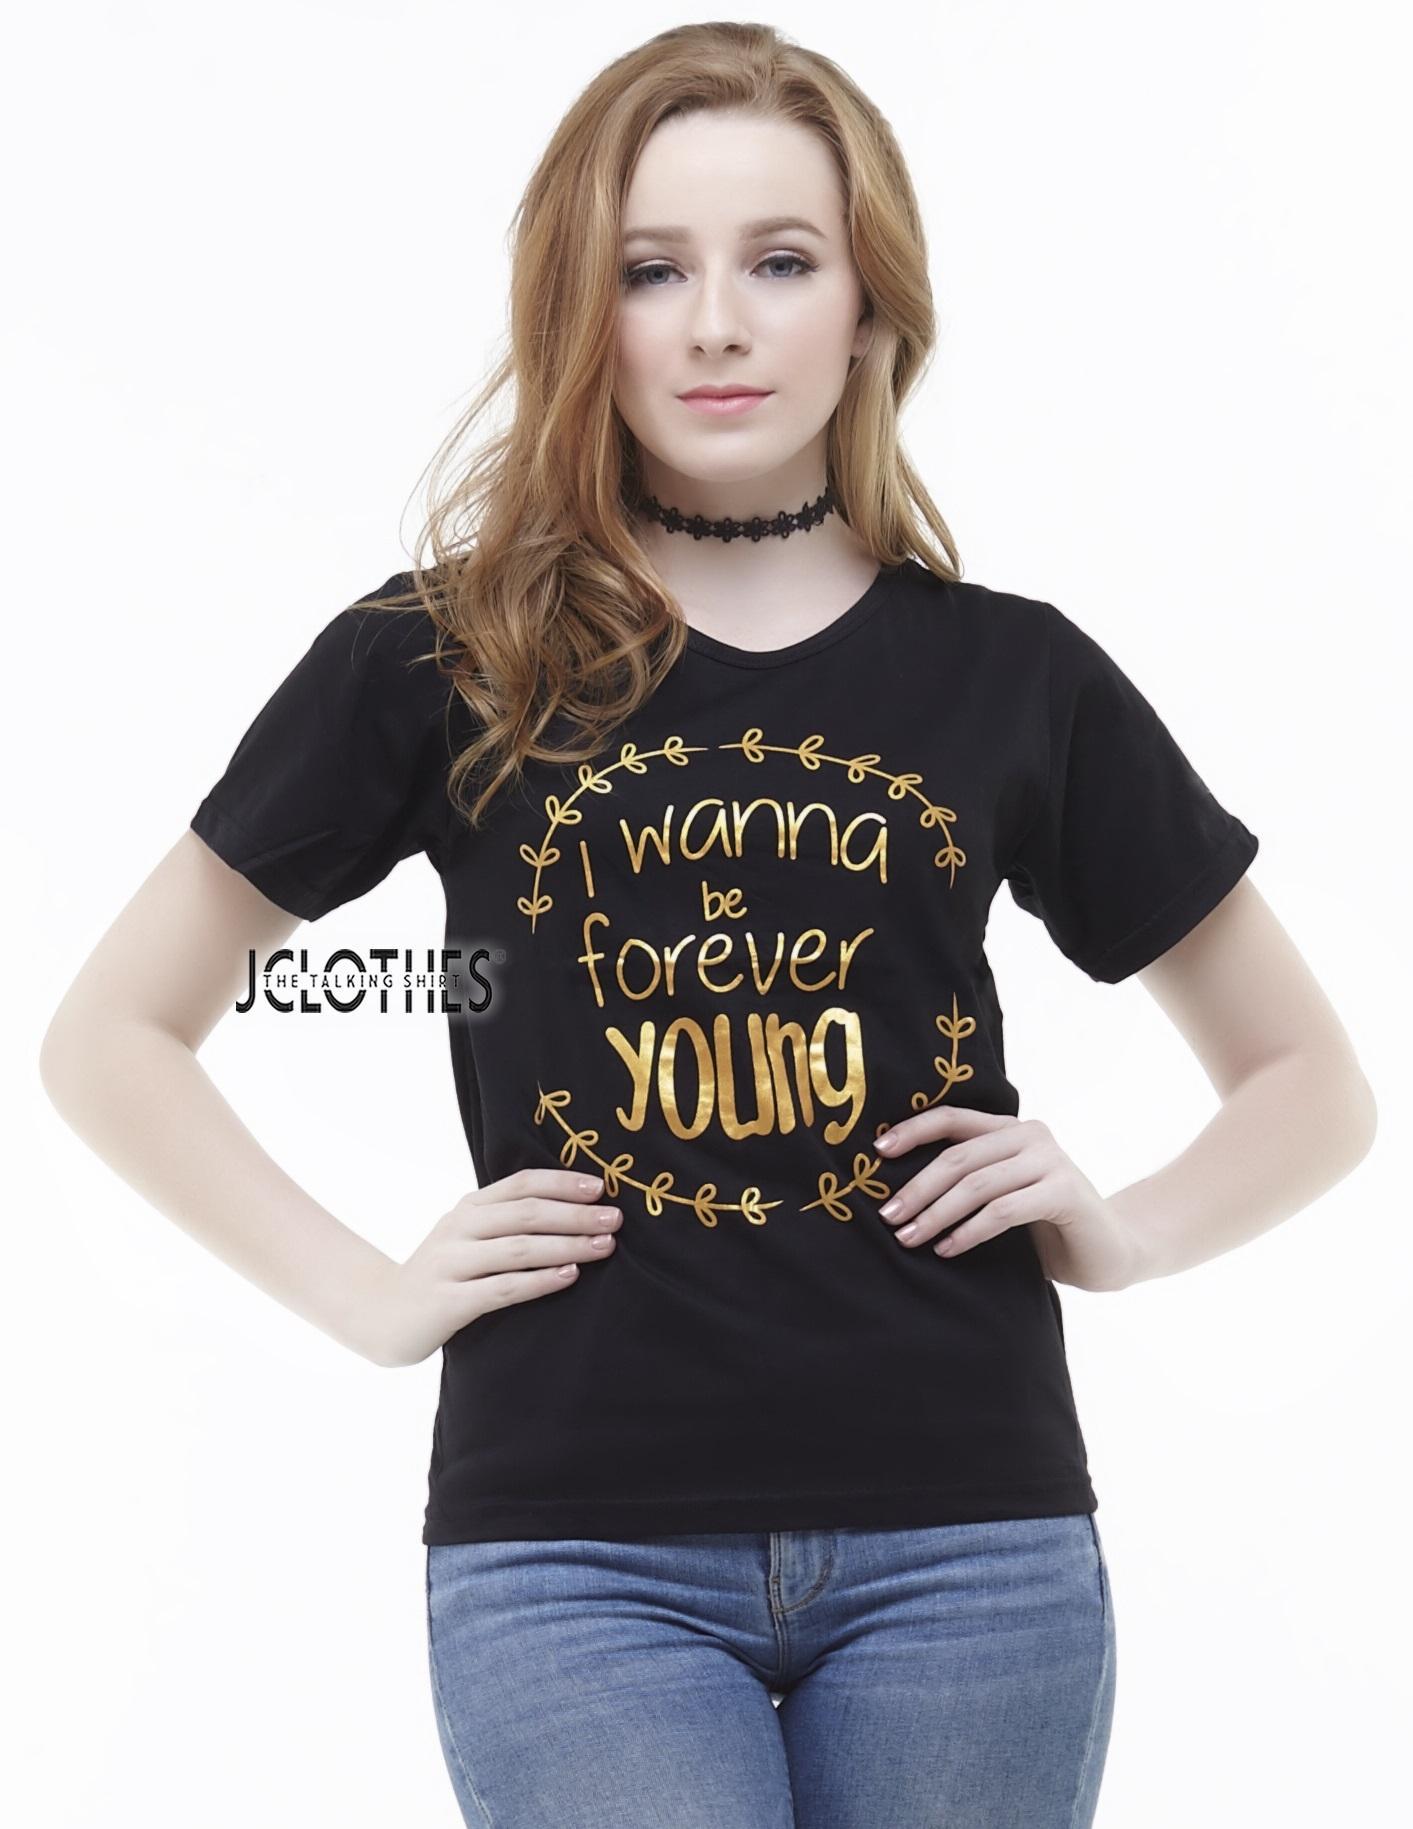 JCLOTHES Kaos Cewe / Tumblr Tee / Kaos Wanita Lengan Pendek I Wanna Be Forever Young